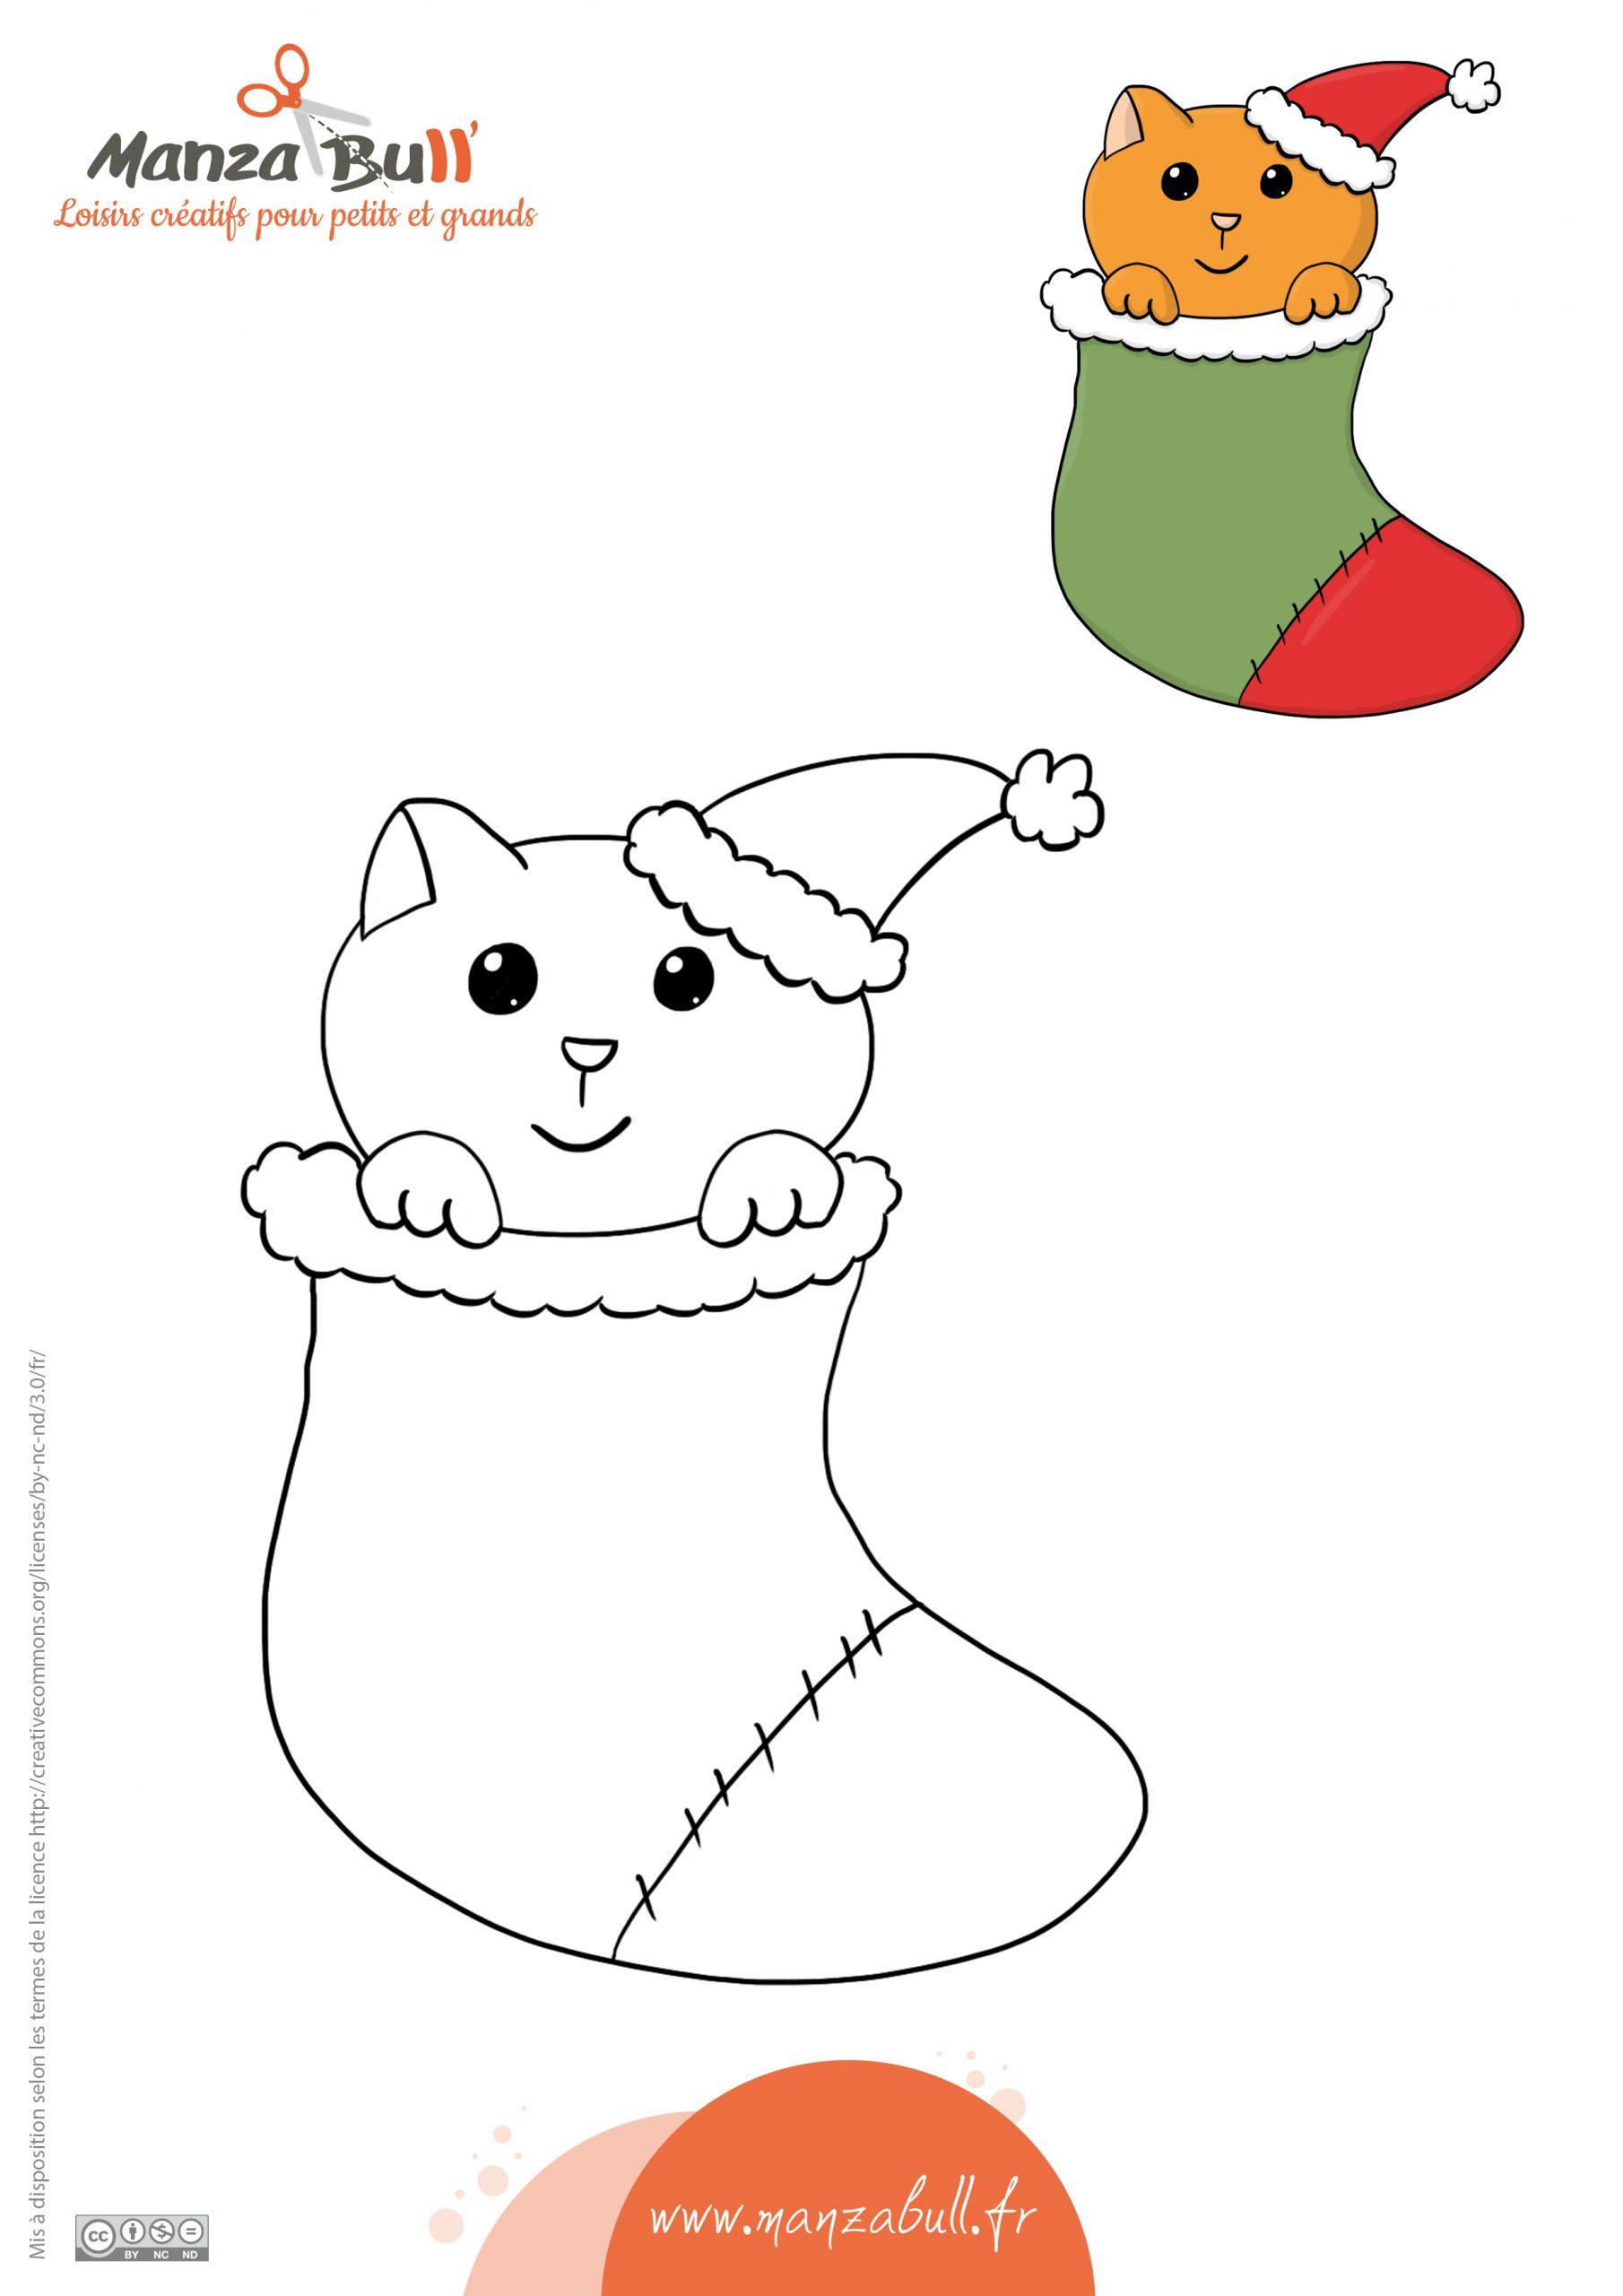 Coloriage De Noël Chat - Manzabull' intérieur Coloriage De Chat De Noel